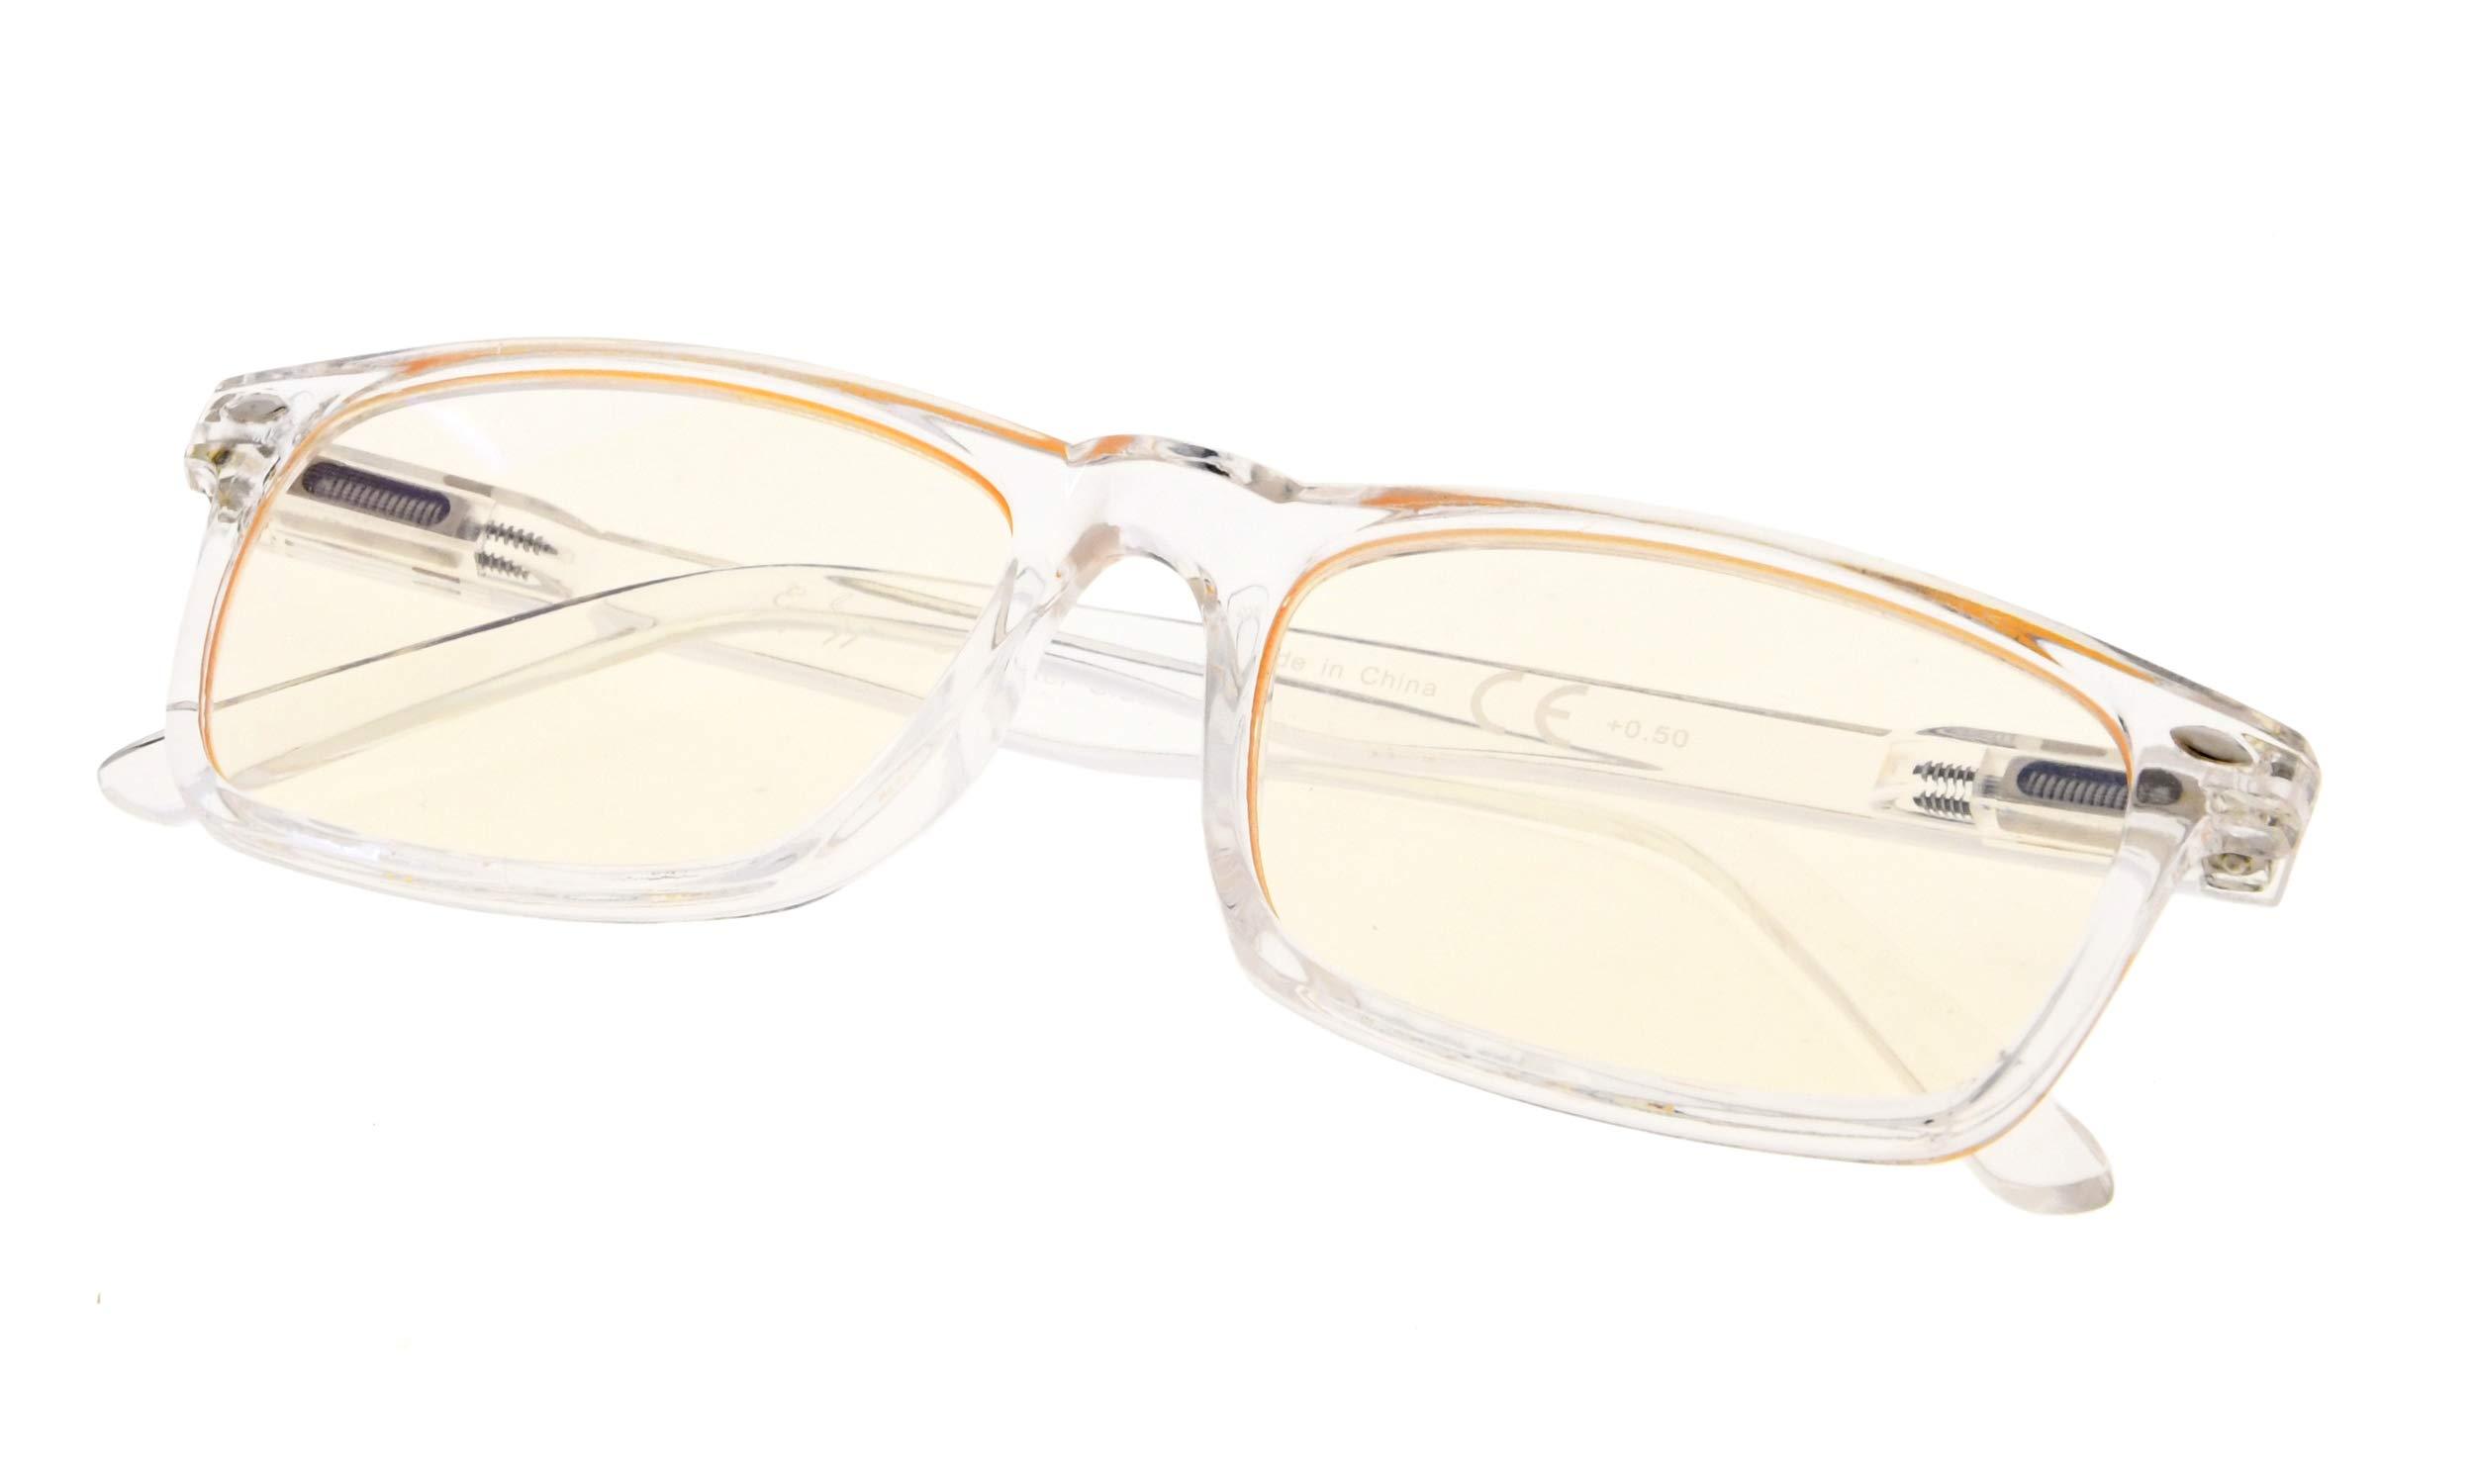 Blue Light Blocking Computer Glasses,Stylish Reading Glasses for Women/Men